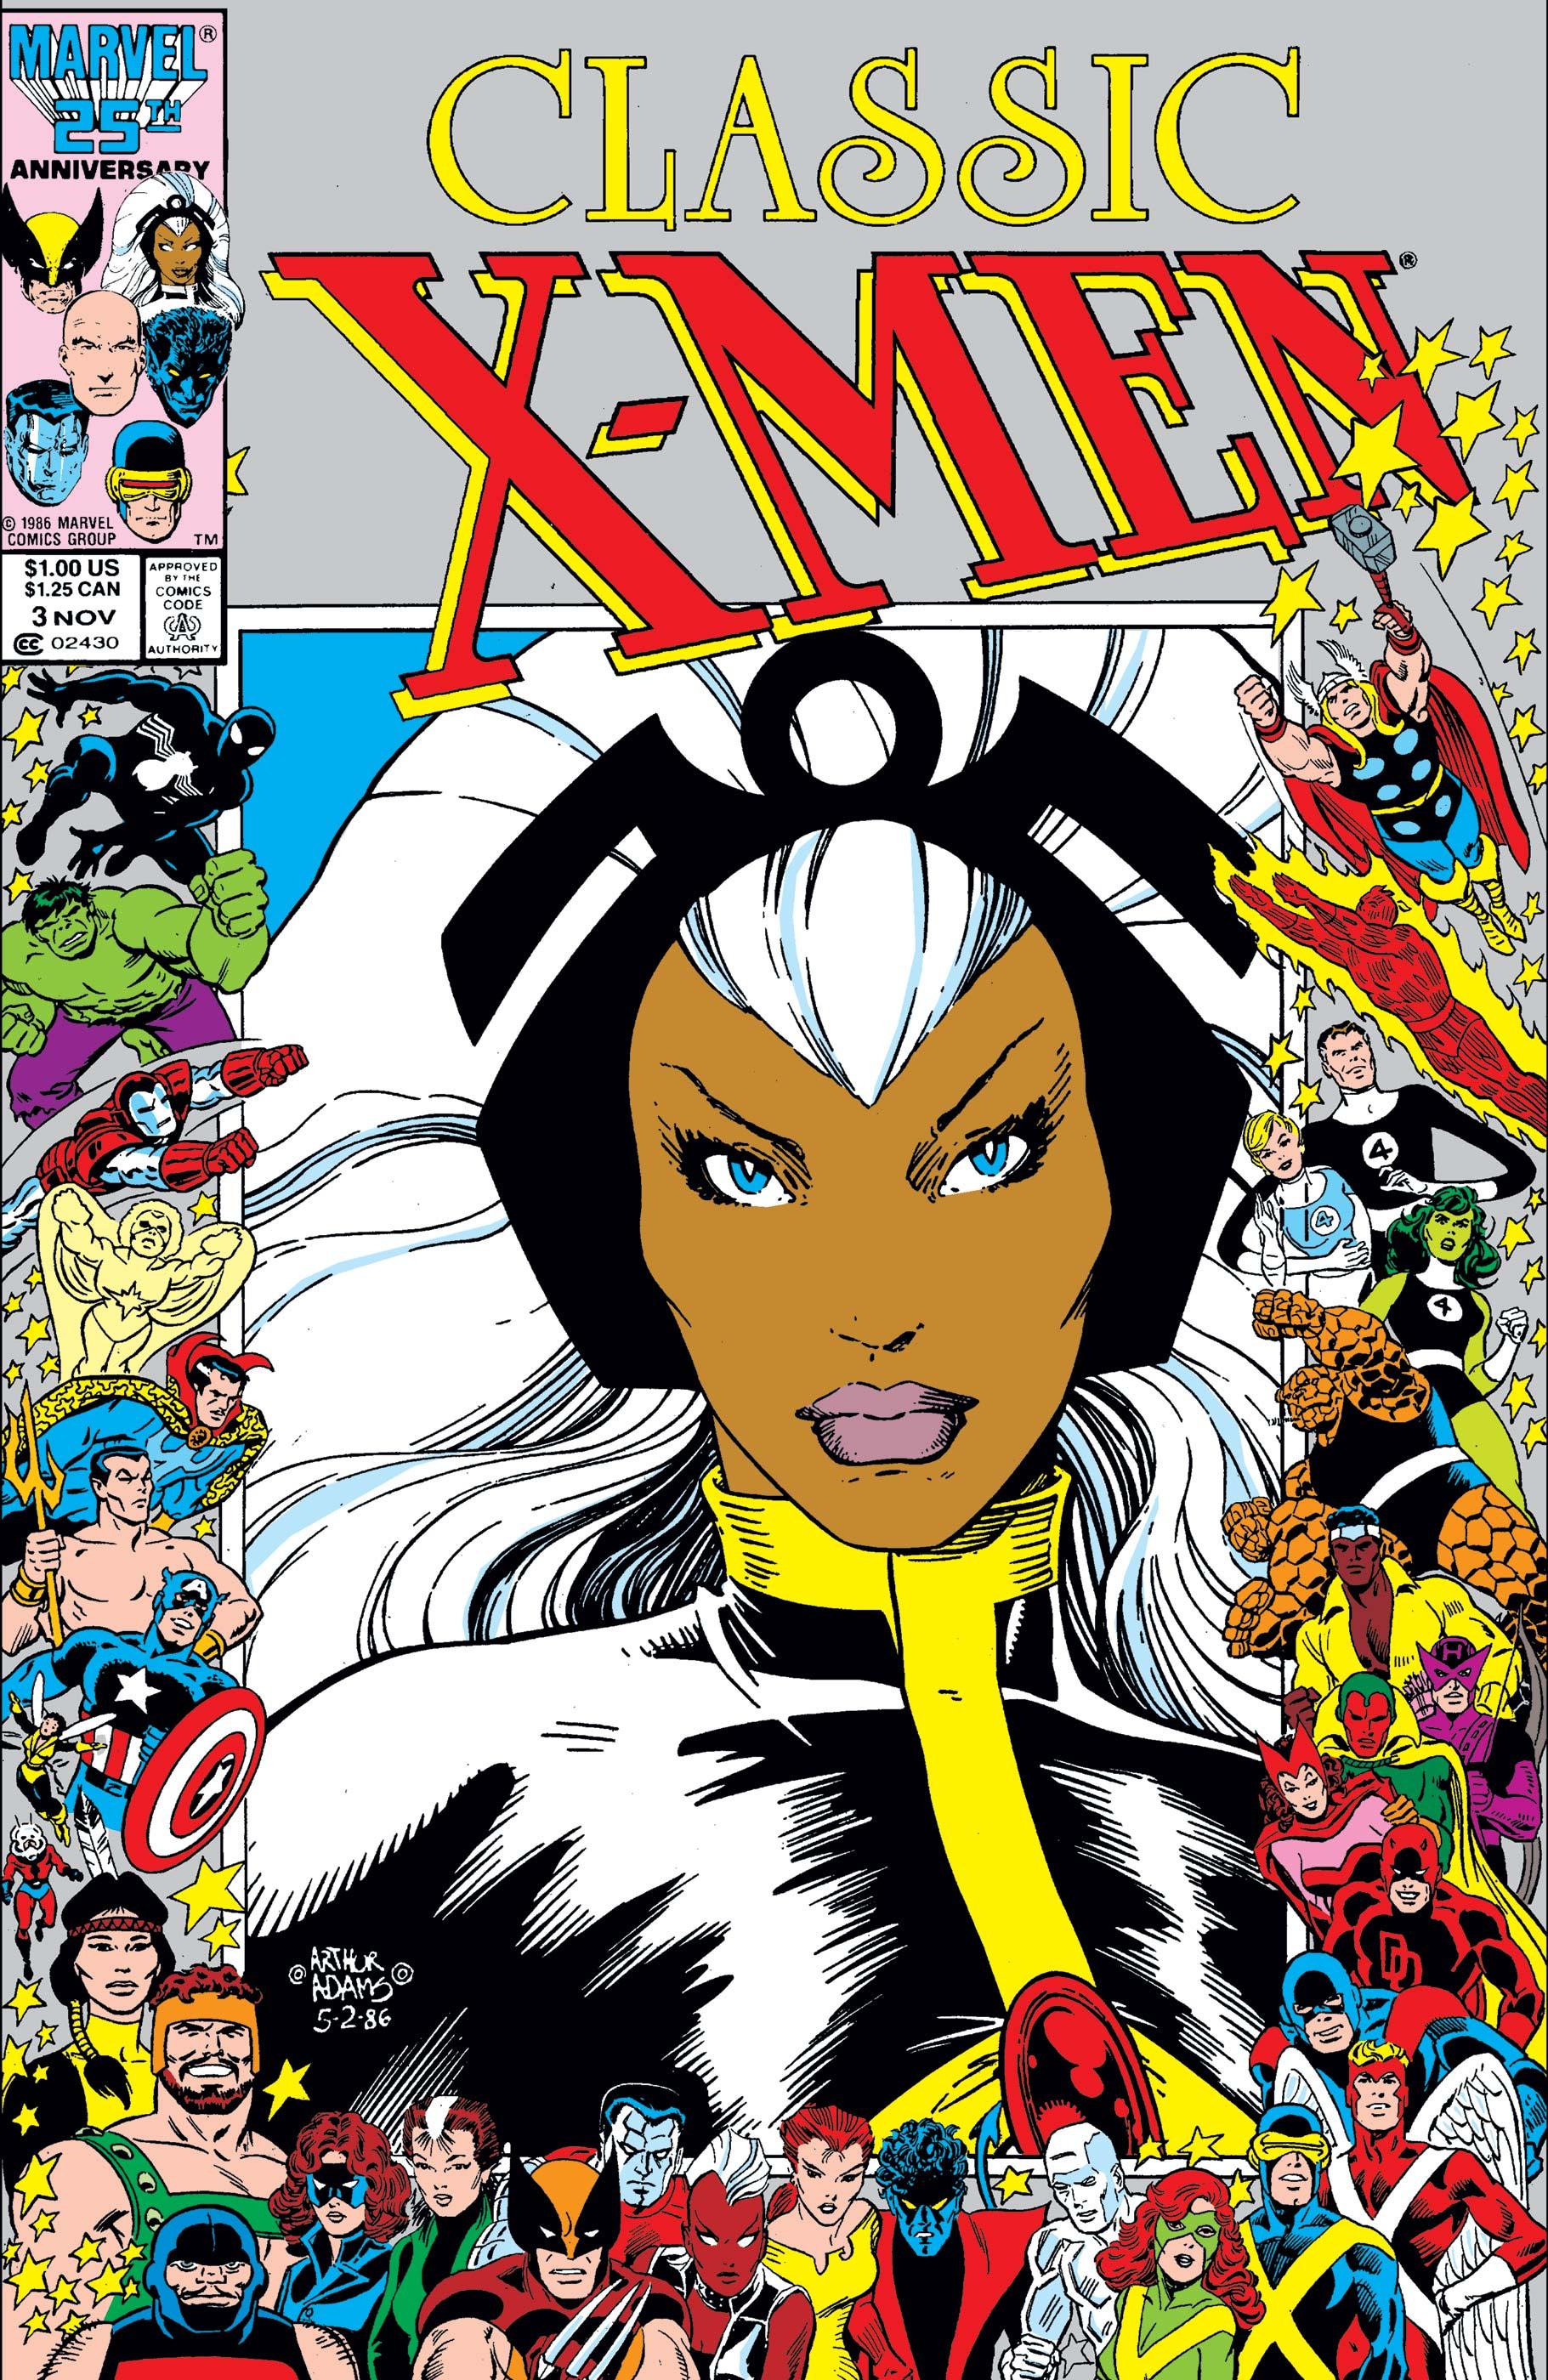 Classic X-Men (1986) #3